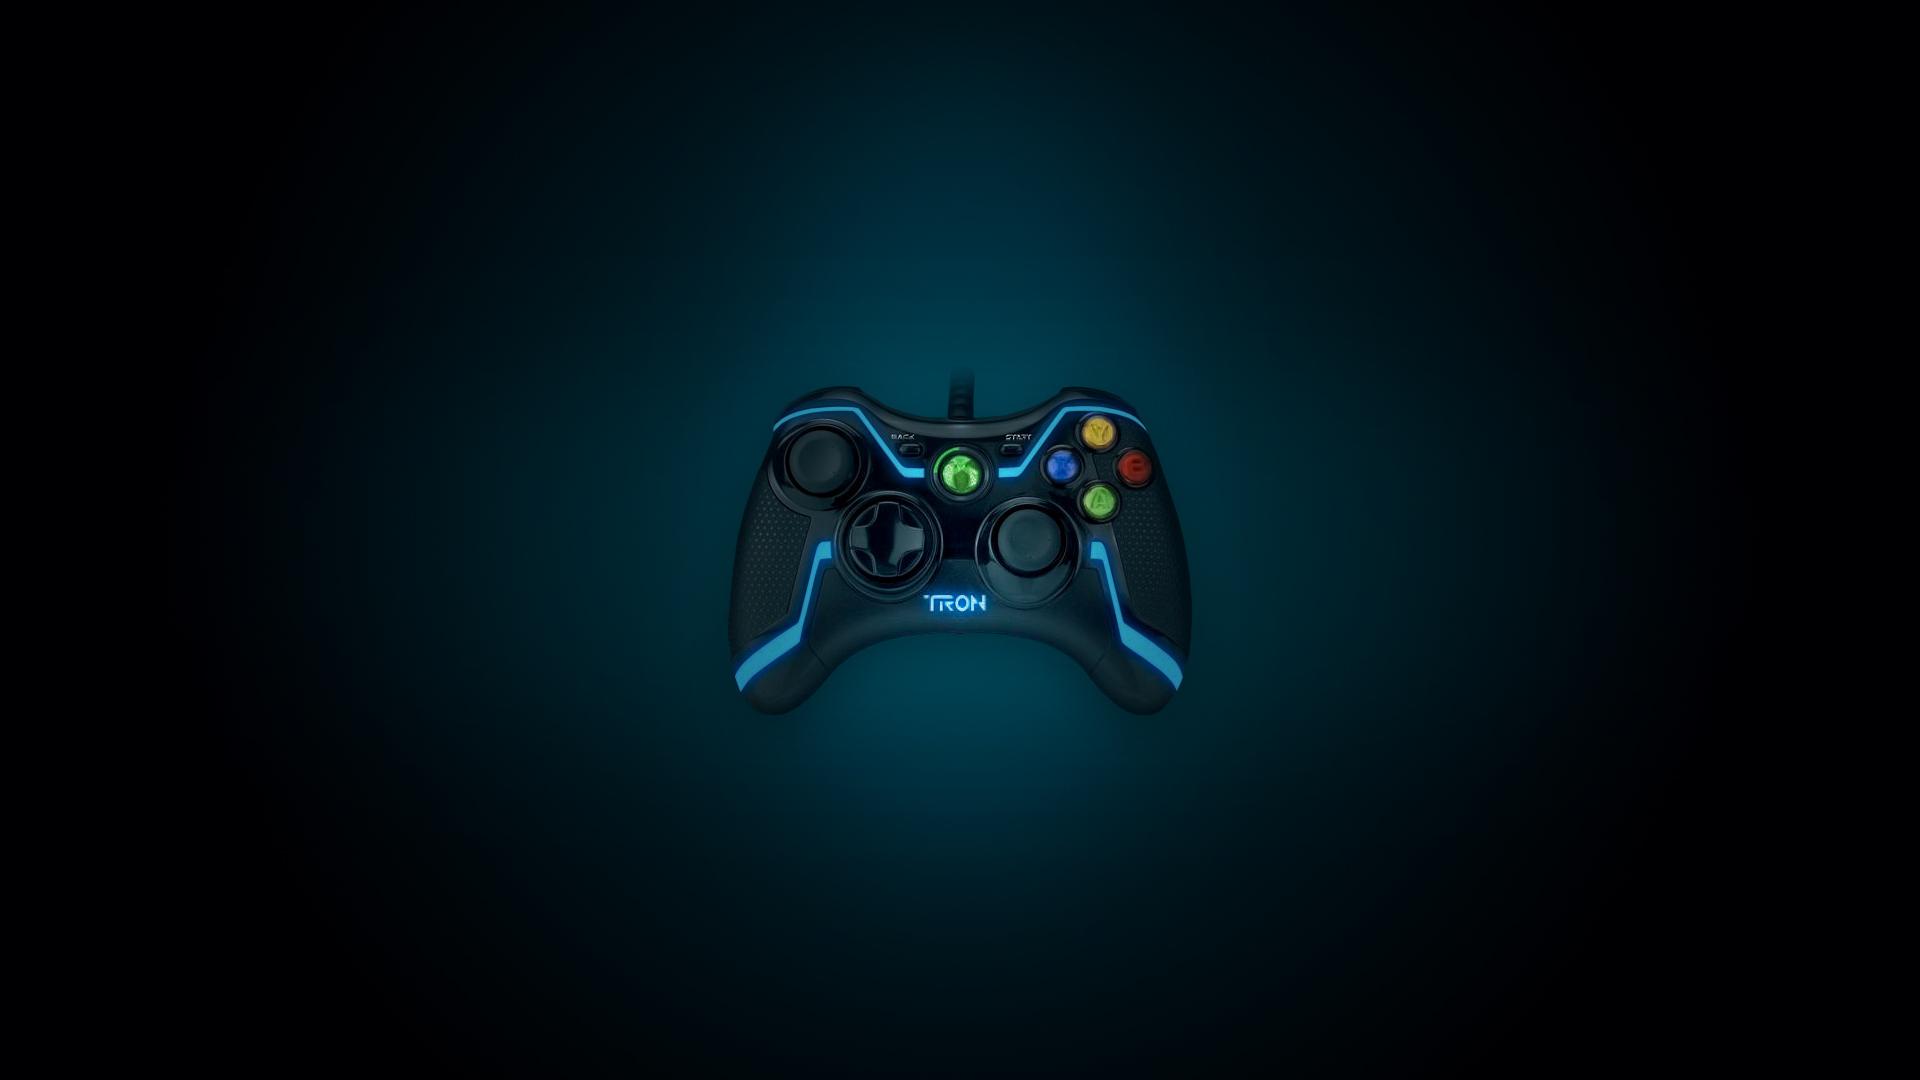 Xbox Scorpio vs PS4 Pro Head To Head Specs Comparison A